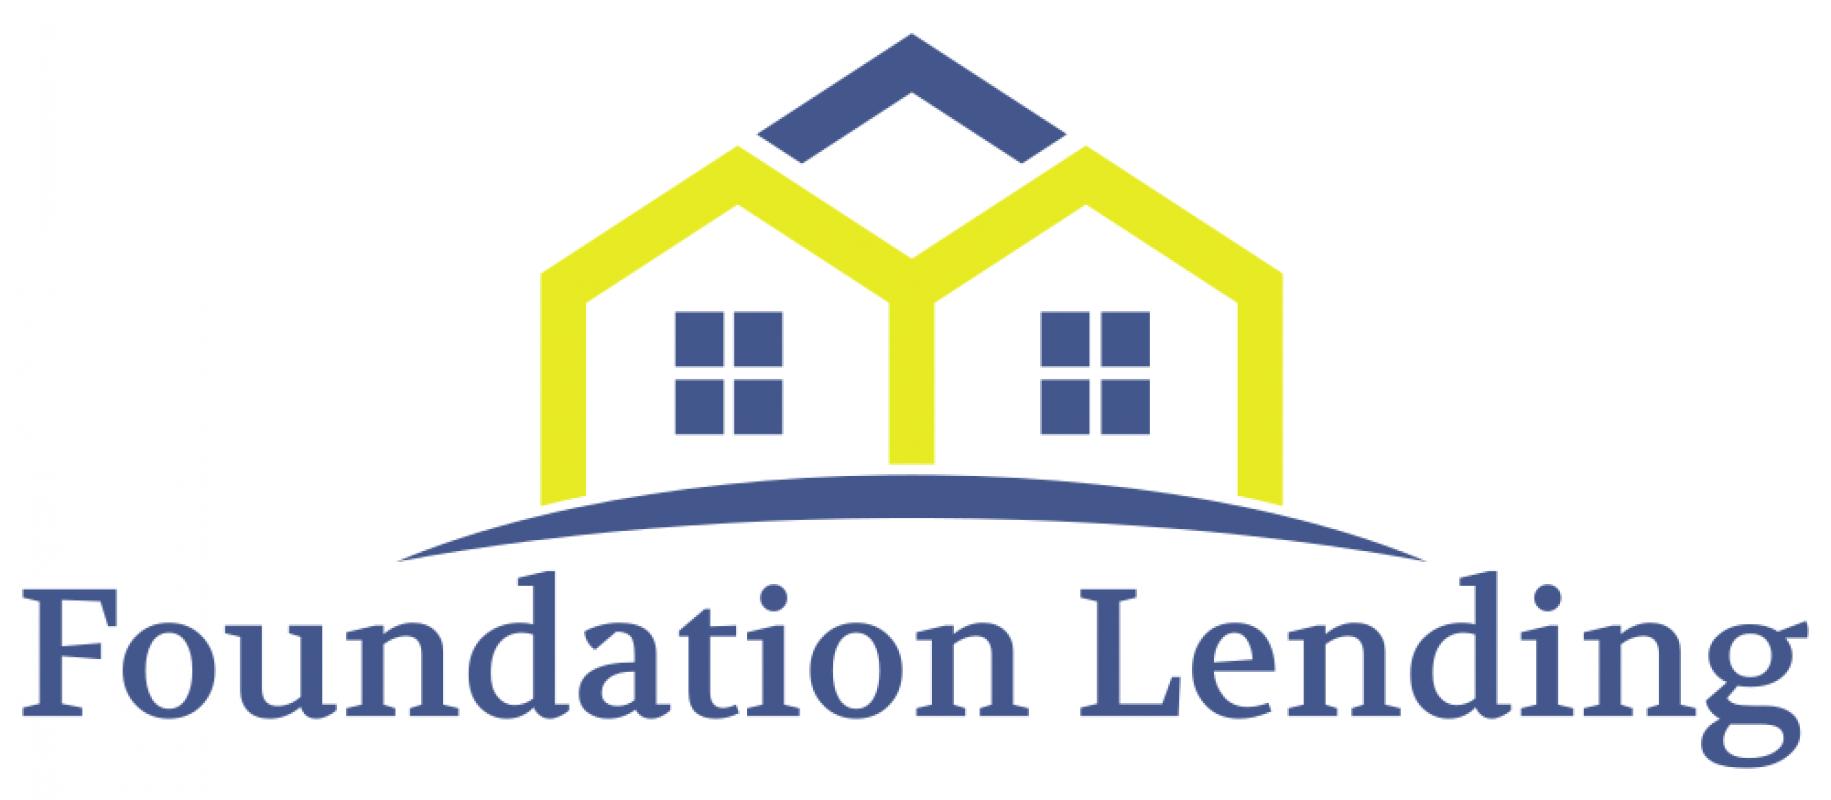 Foundation Lending logo